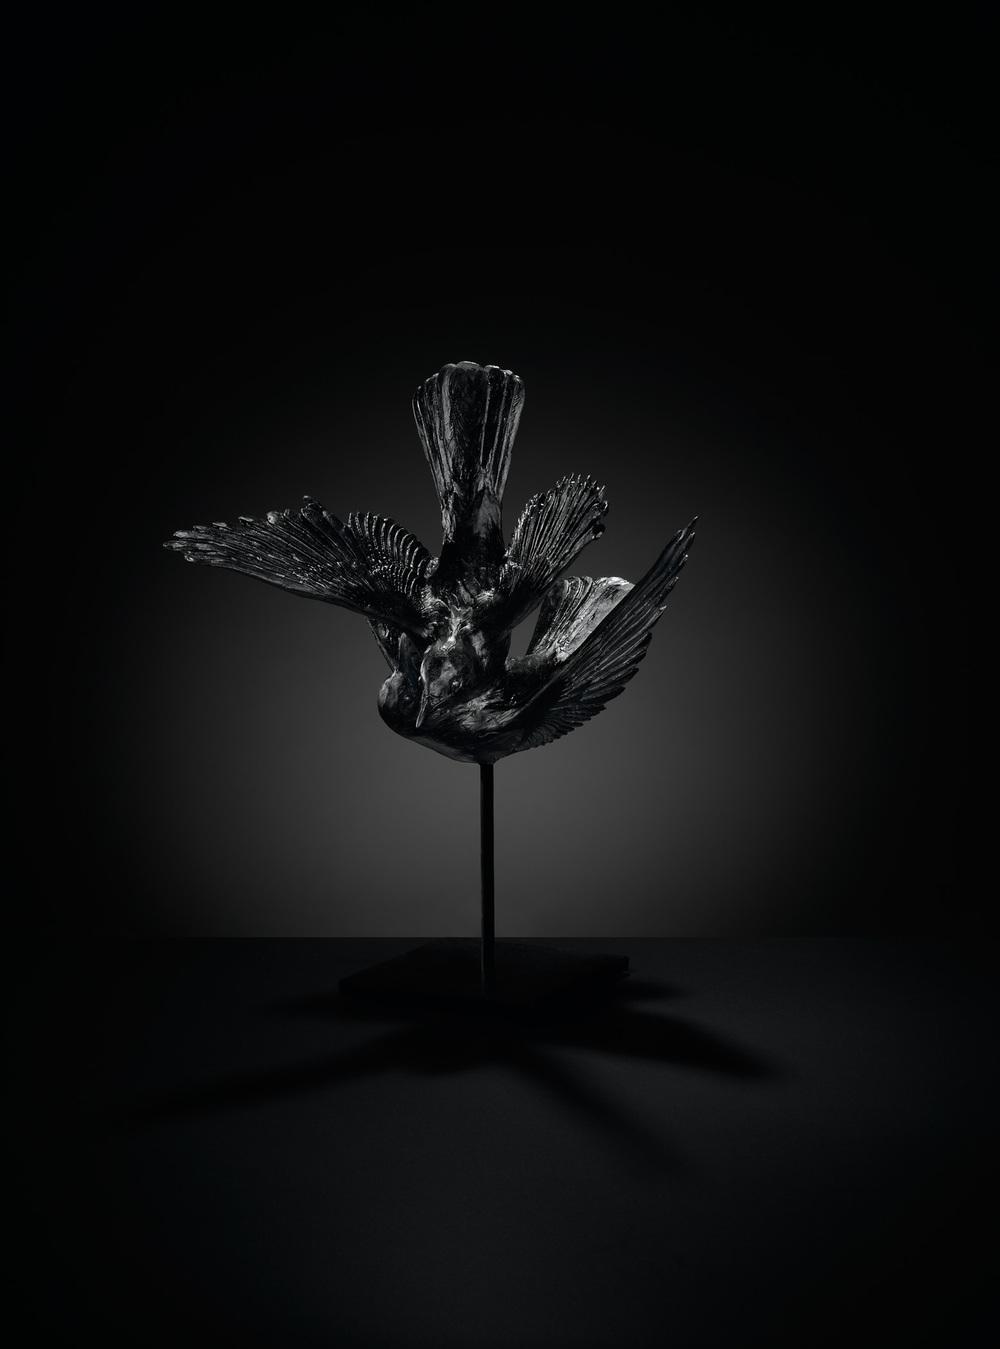 Black, Katherine Rutecki, 2011